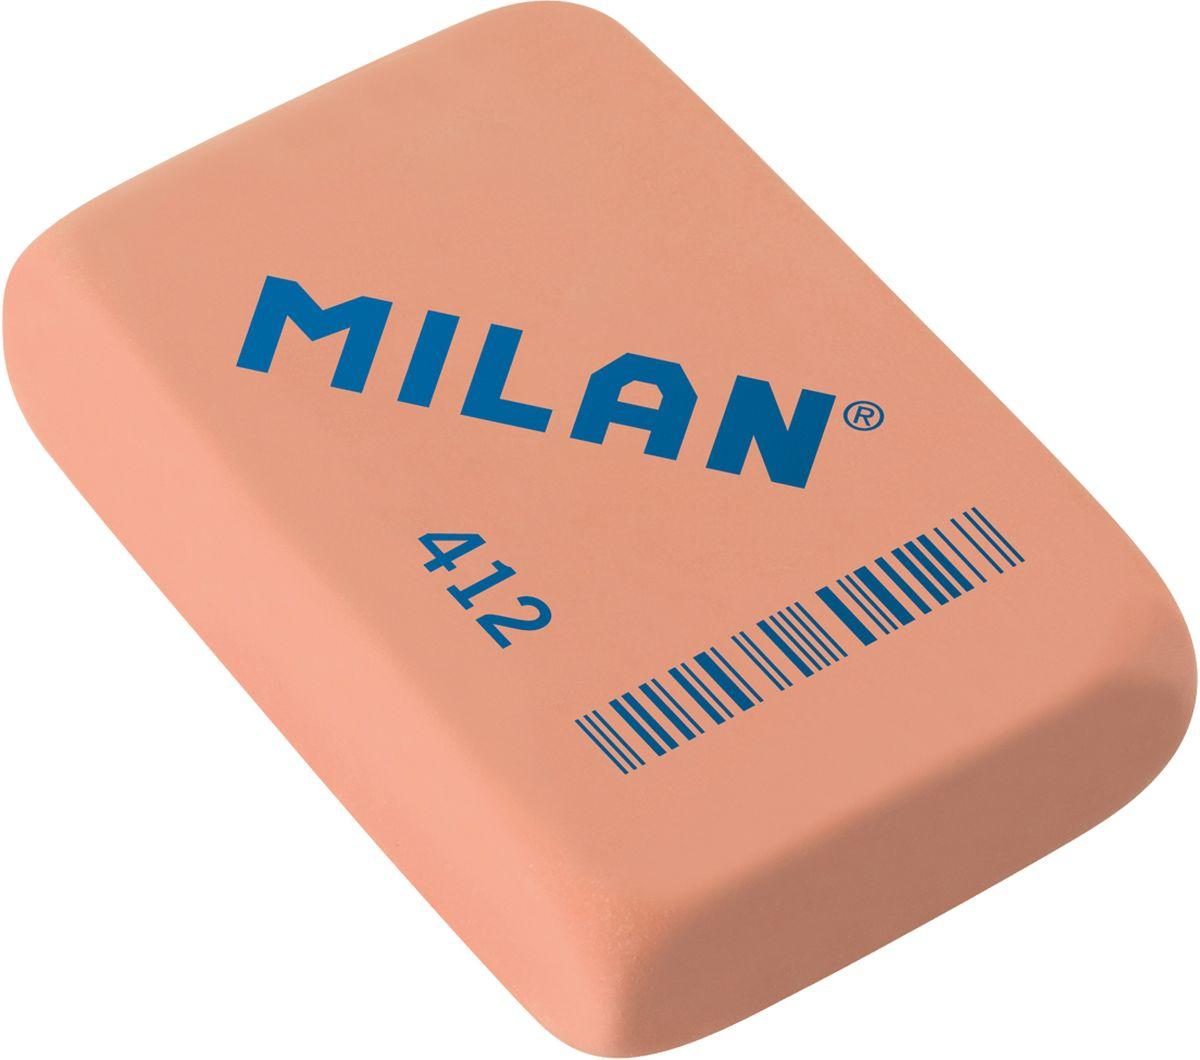 Milan Ластик 412 цвет светло-коралловый72523WDЛастик Milan имеет мягкую структуру, и обладает высокой гибкостью, обеспечивая безупречное стирание.